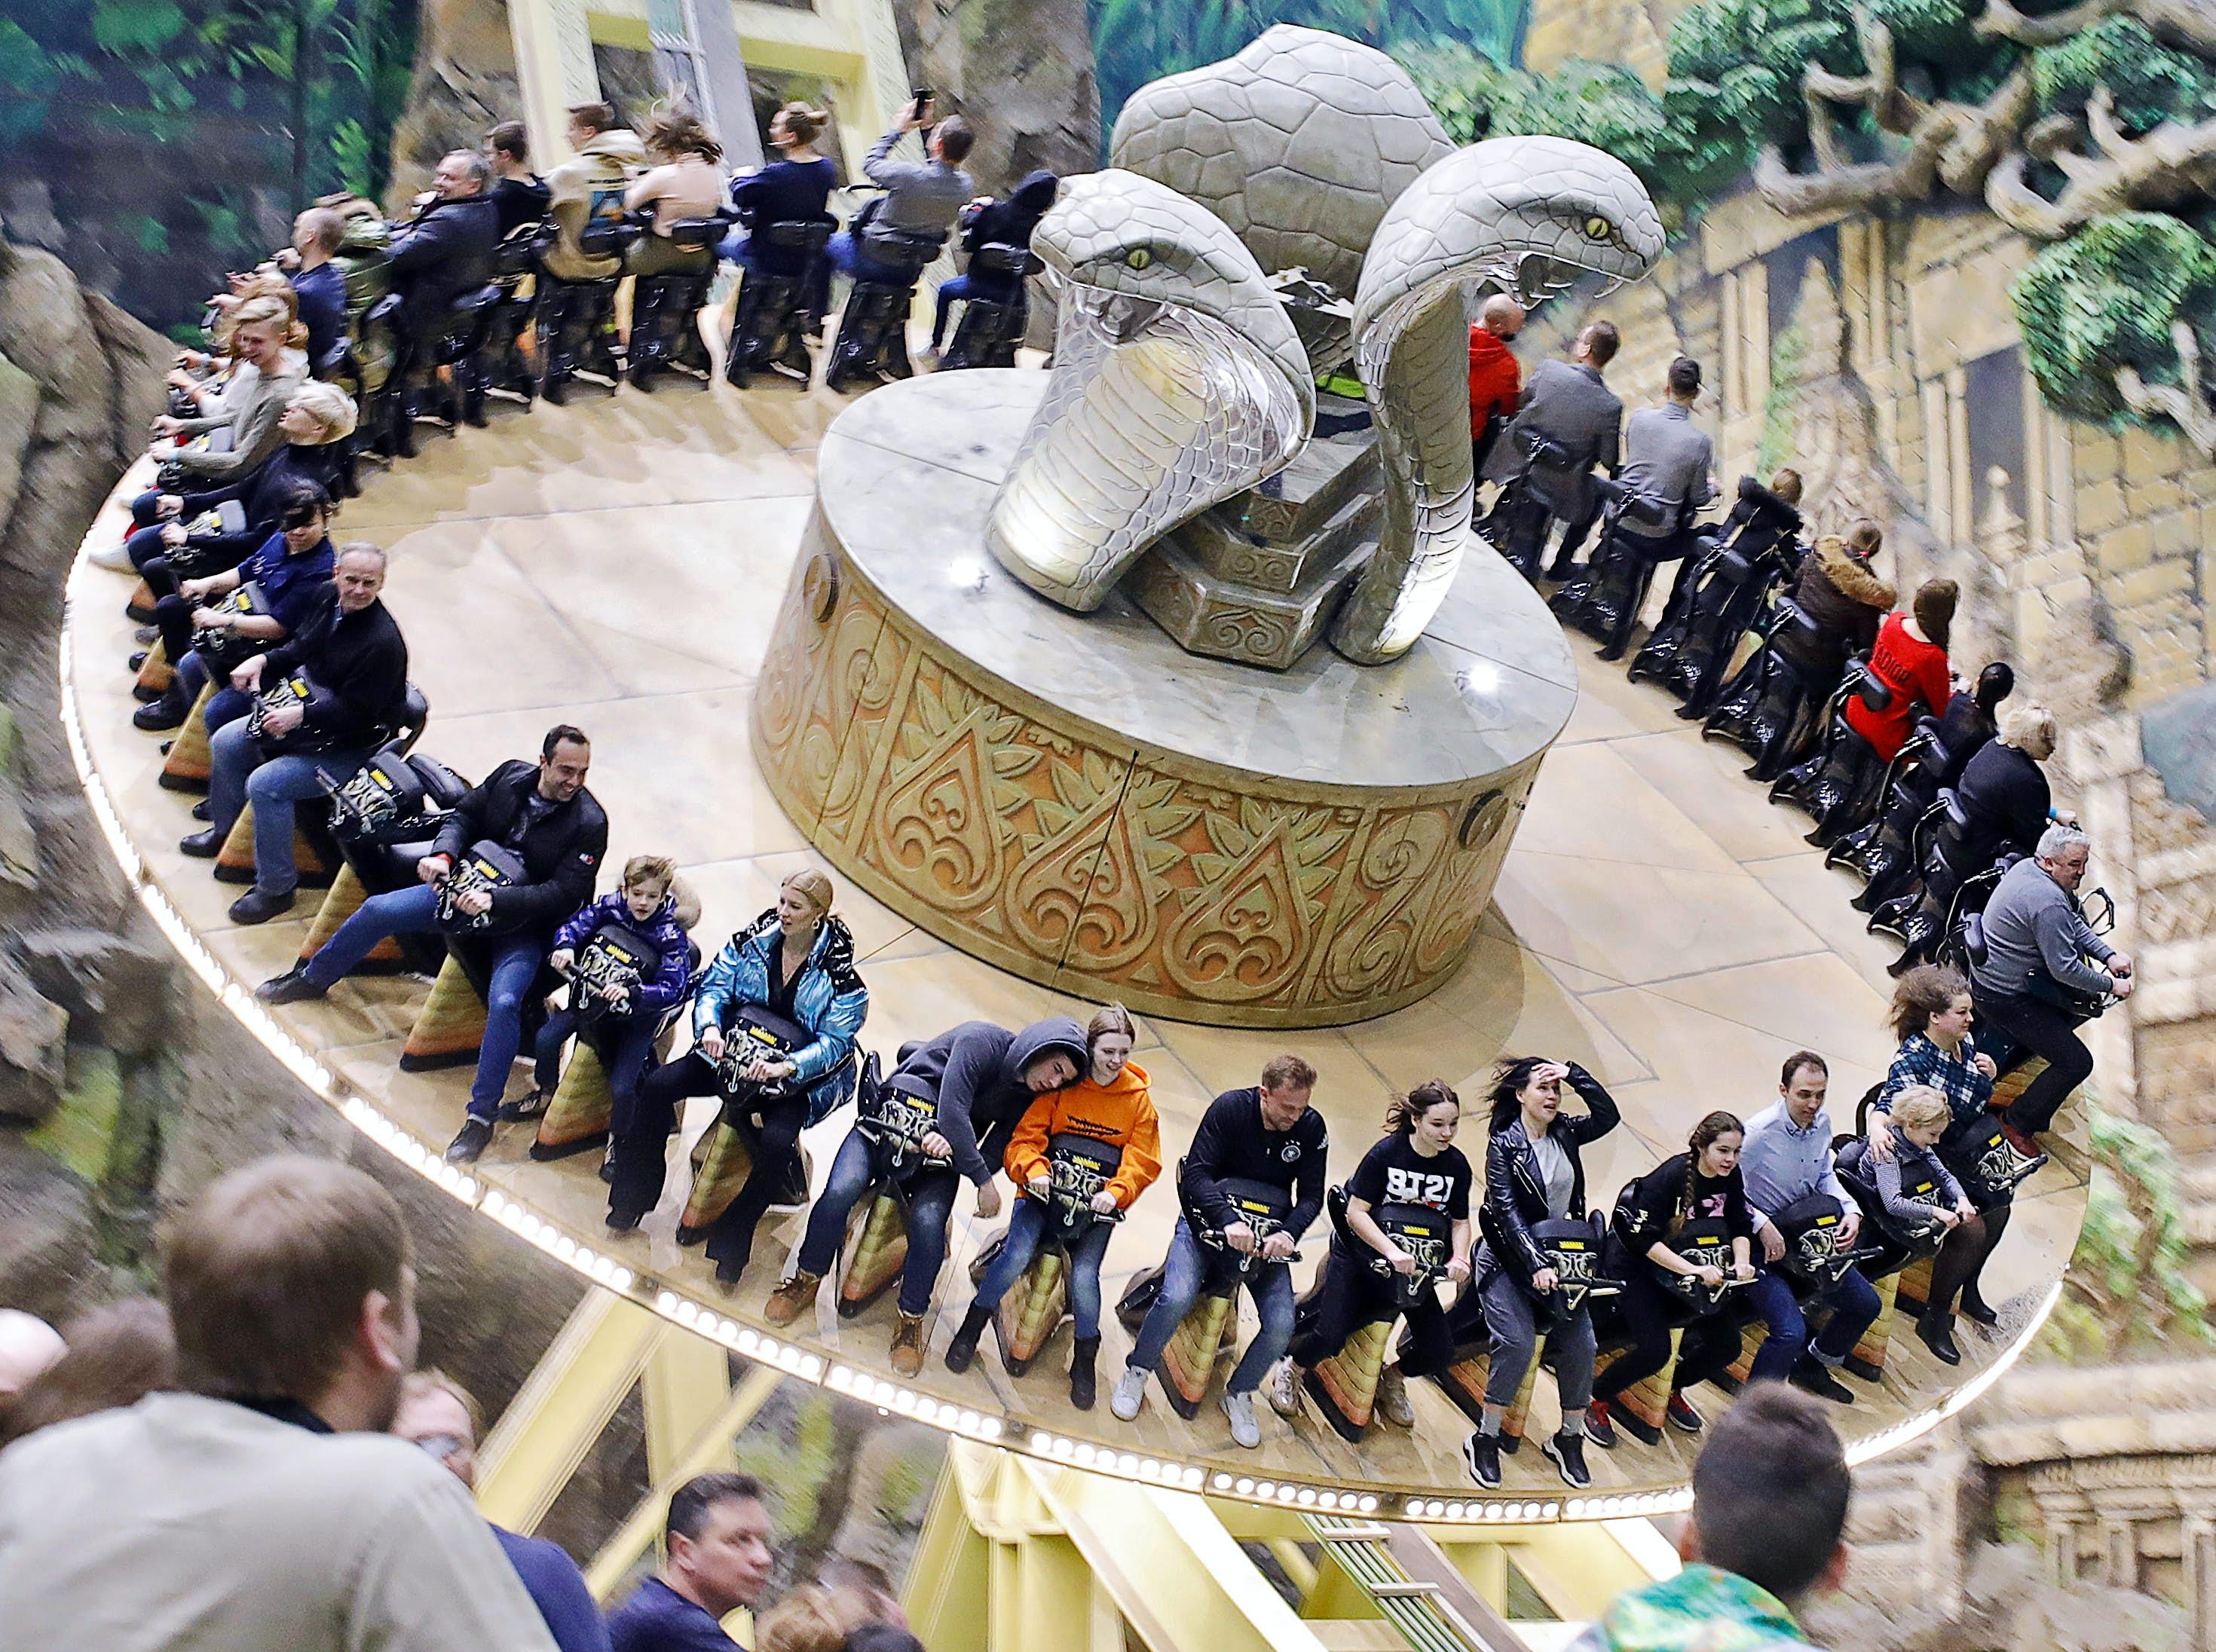 A Rússia abriu seu primeiro parque temático de grande escala